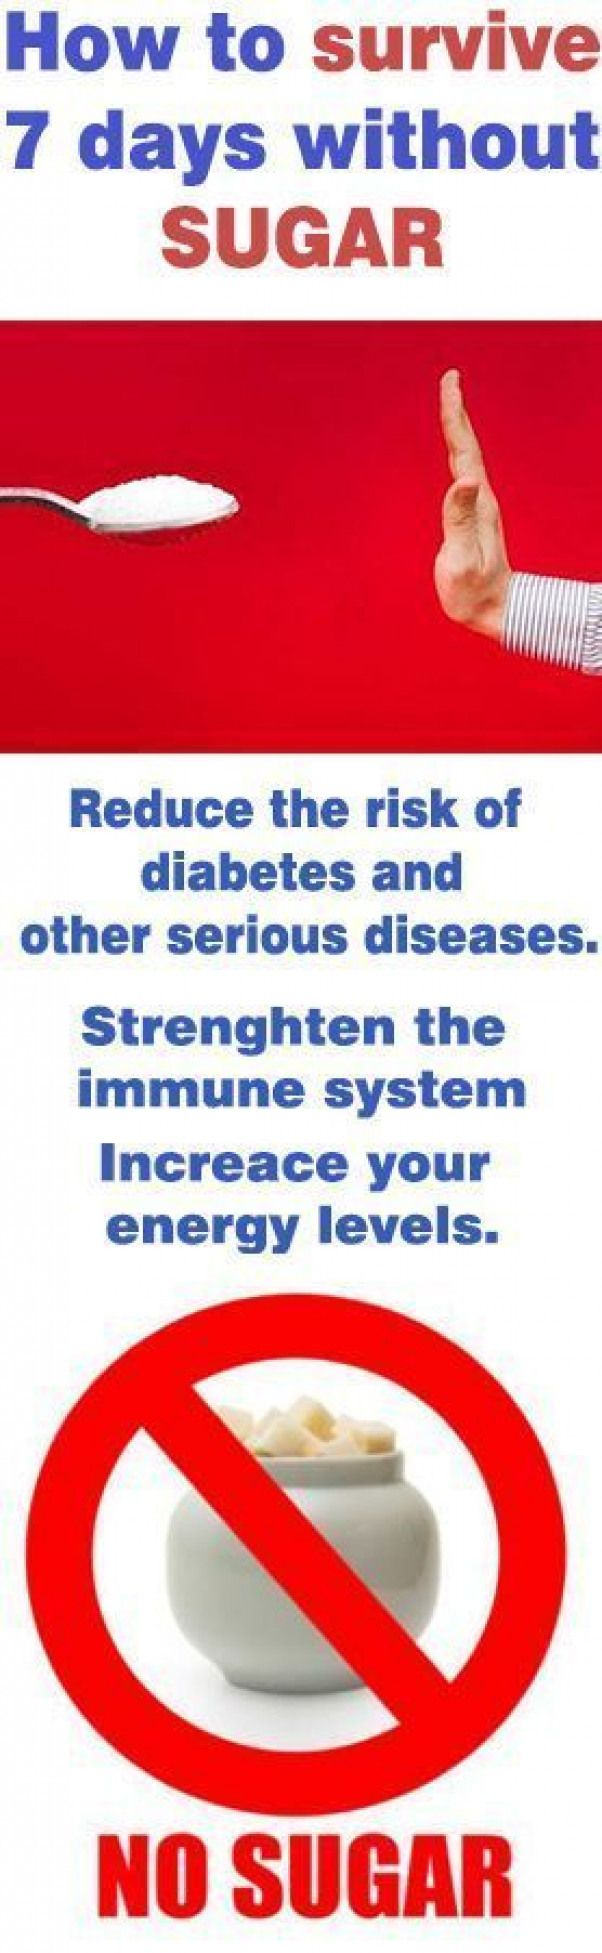 7-Day Sugar Detox Menu Plan and Lose 30 lbs #detoxdiet #sugardetoxplan